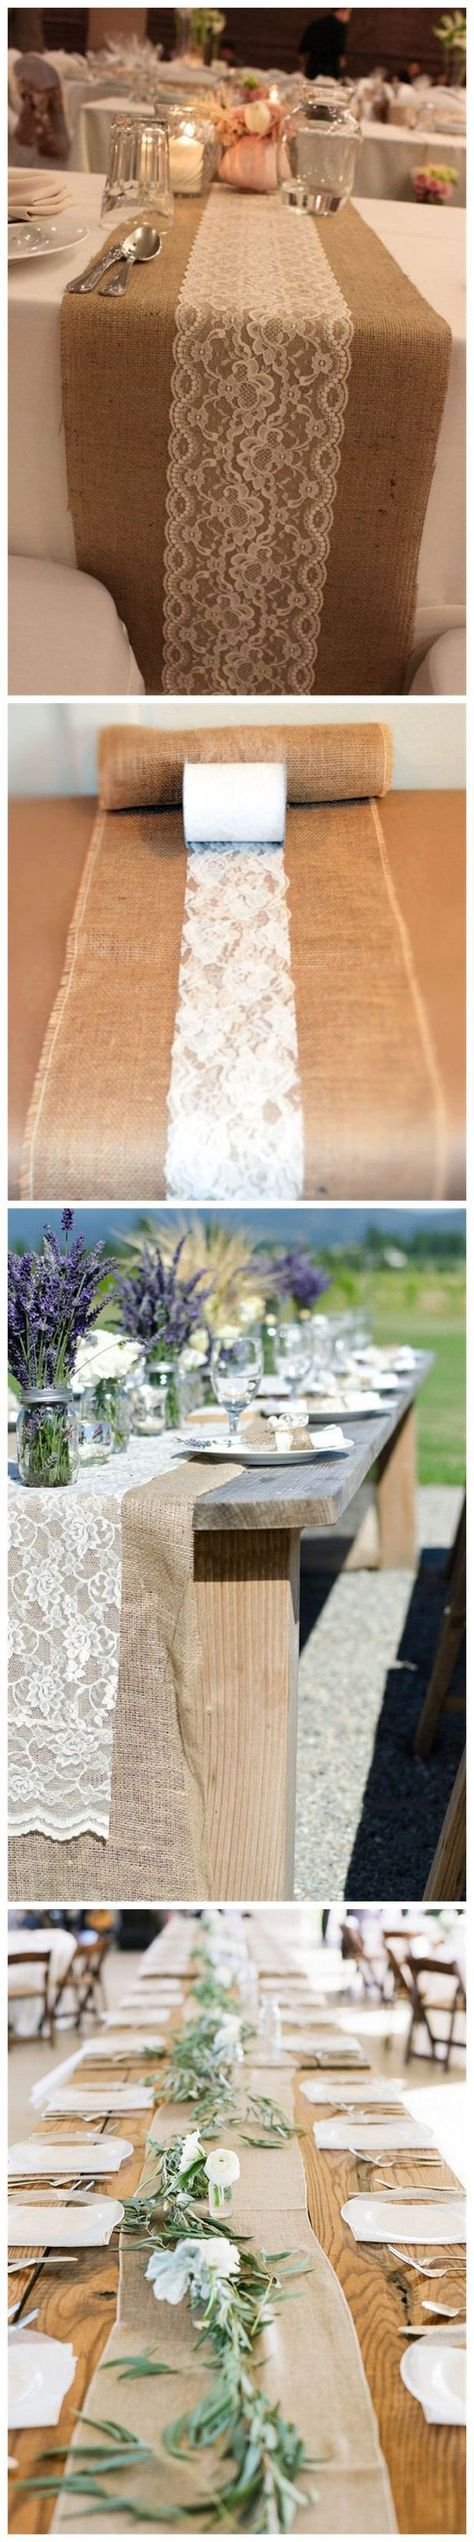 Best 25 wedding table runners ideas on pinterest for Table runner ideas